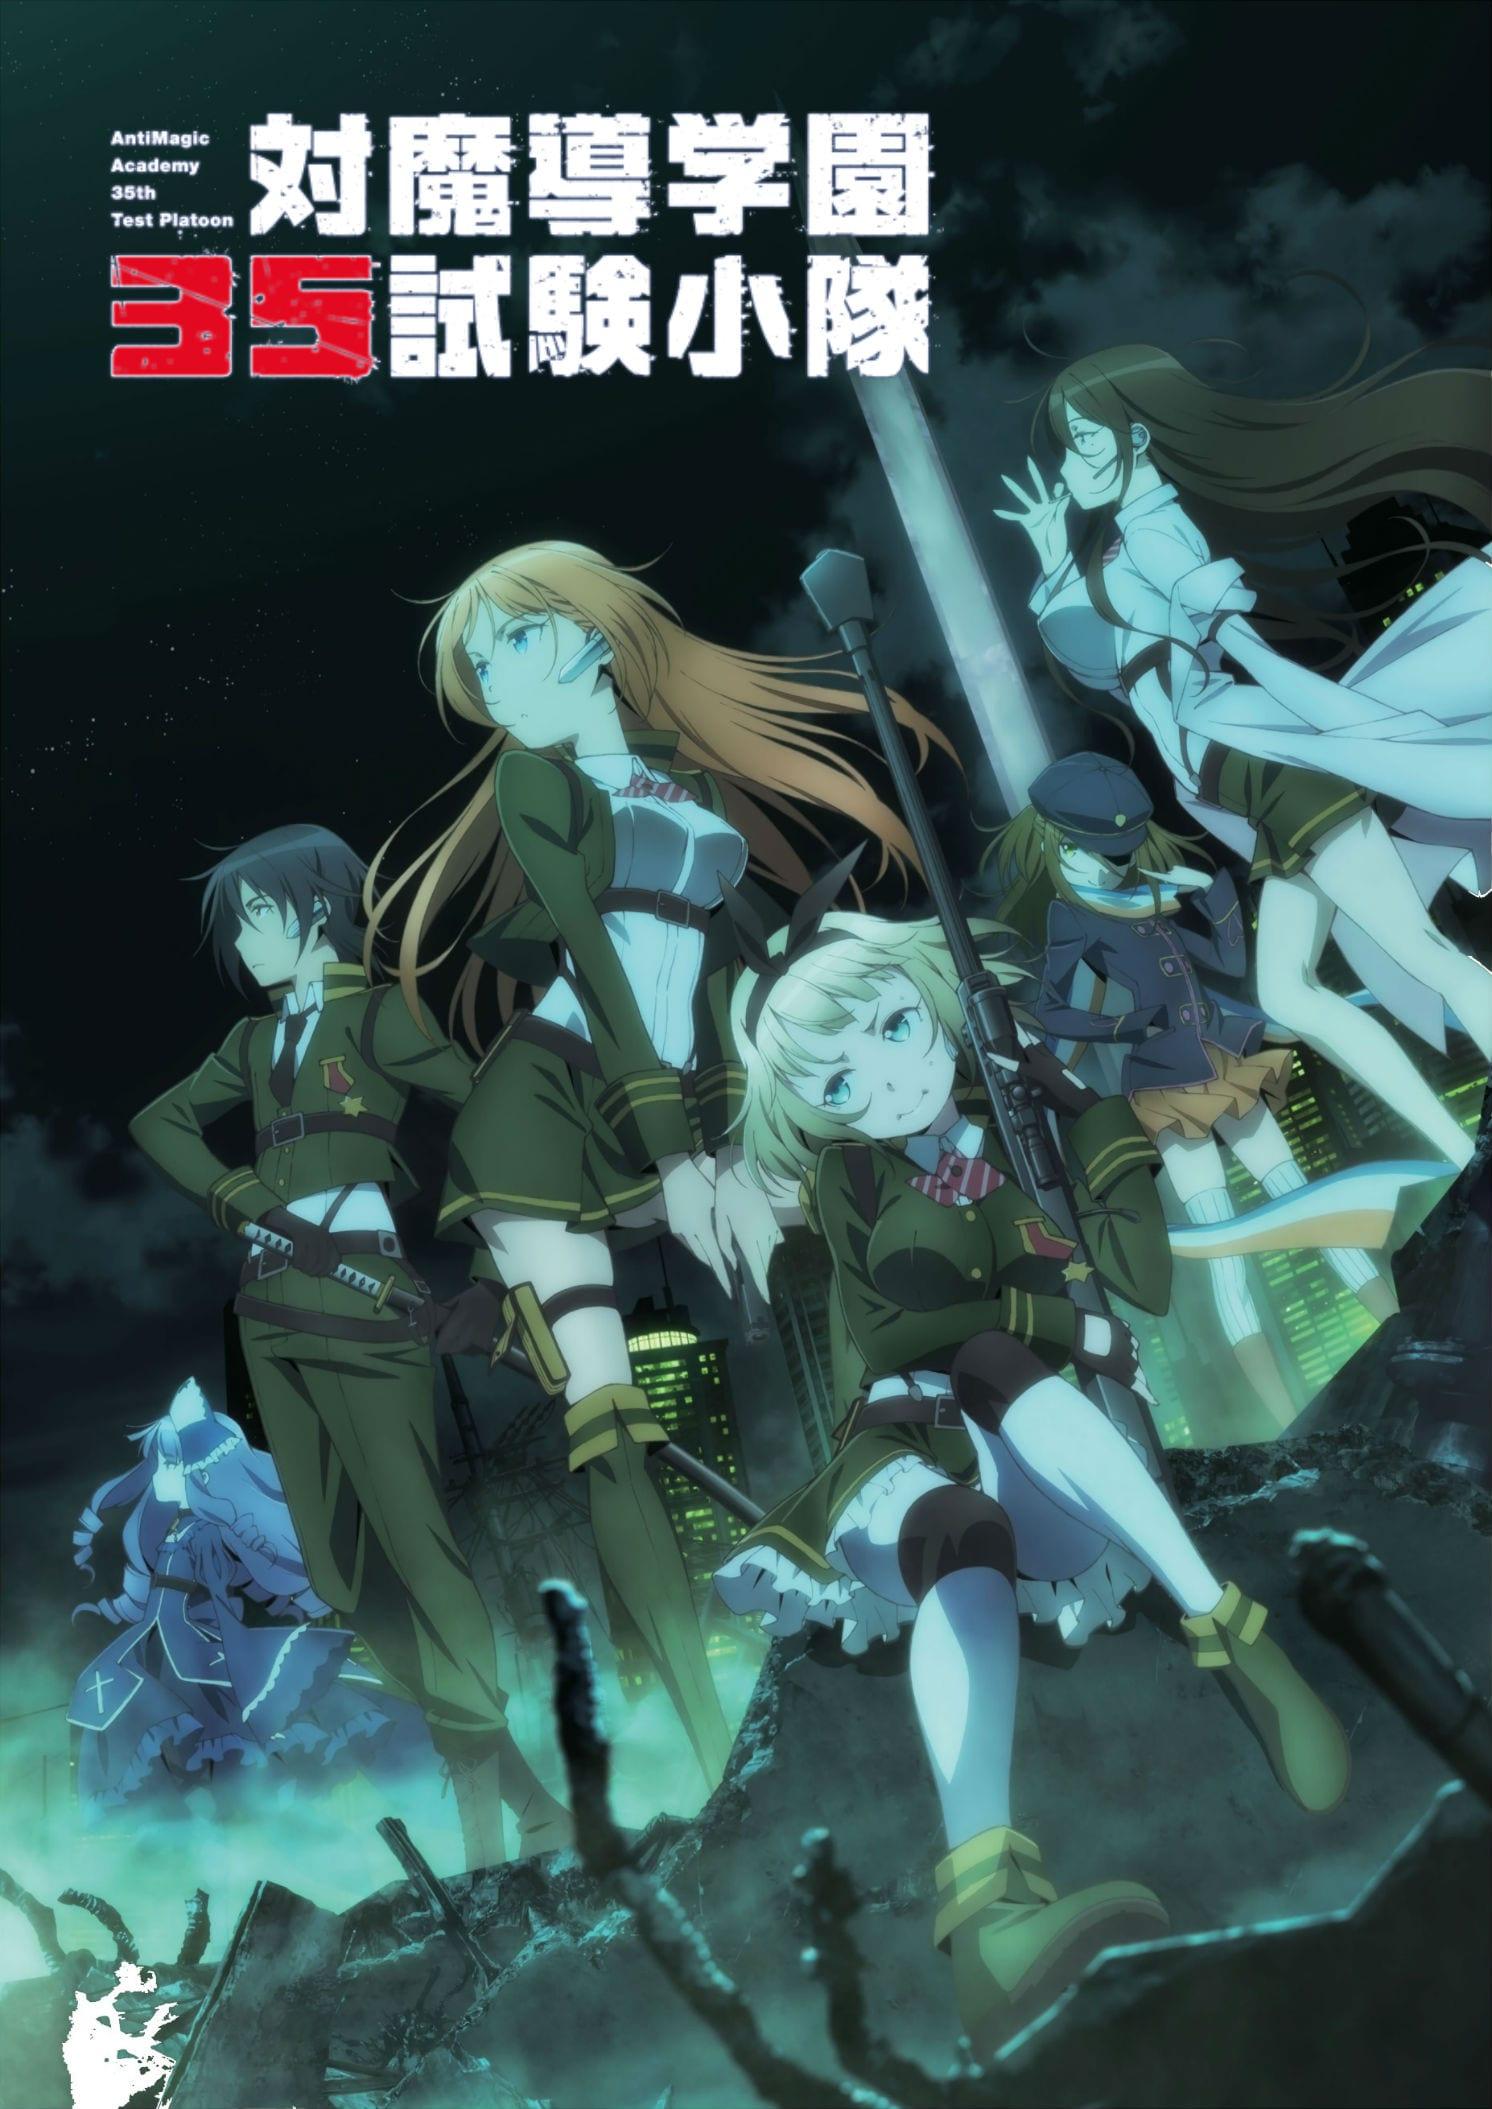 https://mirai.ai/wp-content/uploads/Taimadou-Gakuen-35-Shiken-Shoutai-1.jpg